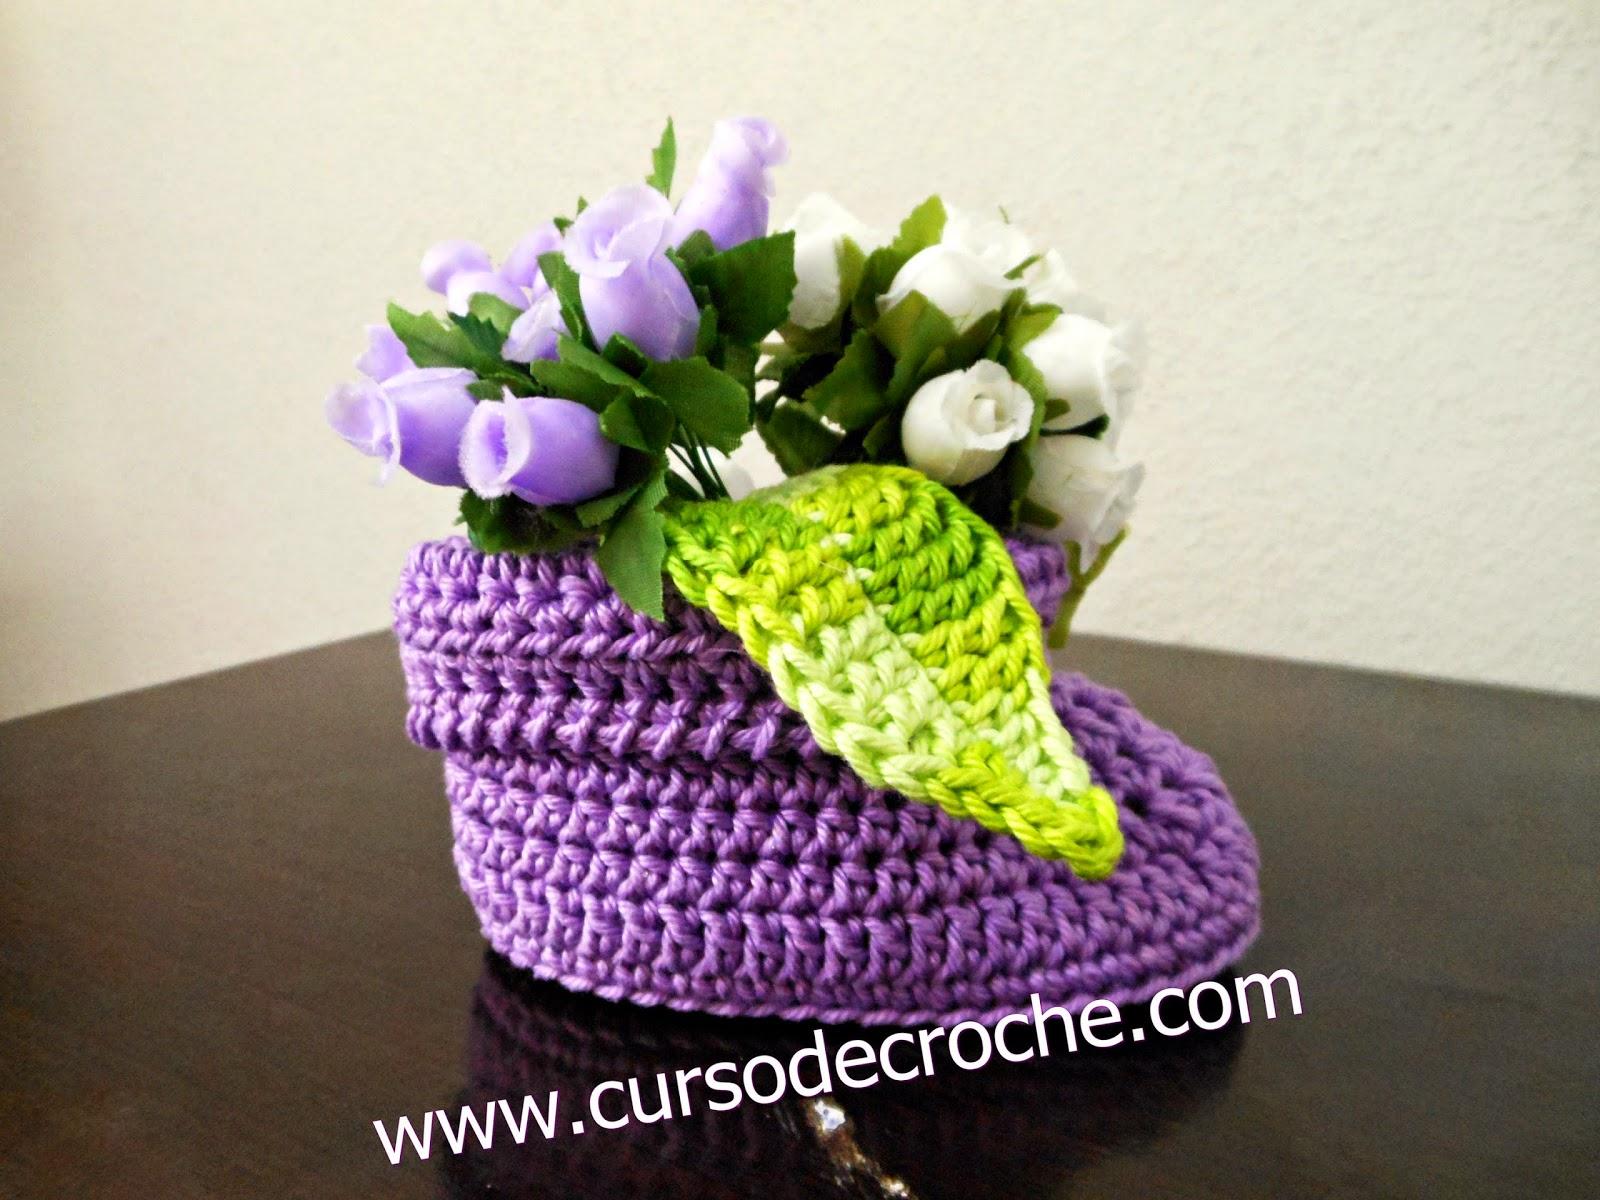 sapatinhos em croche cano alto bebê decoração dvd loja curso de croche edinir-croche